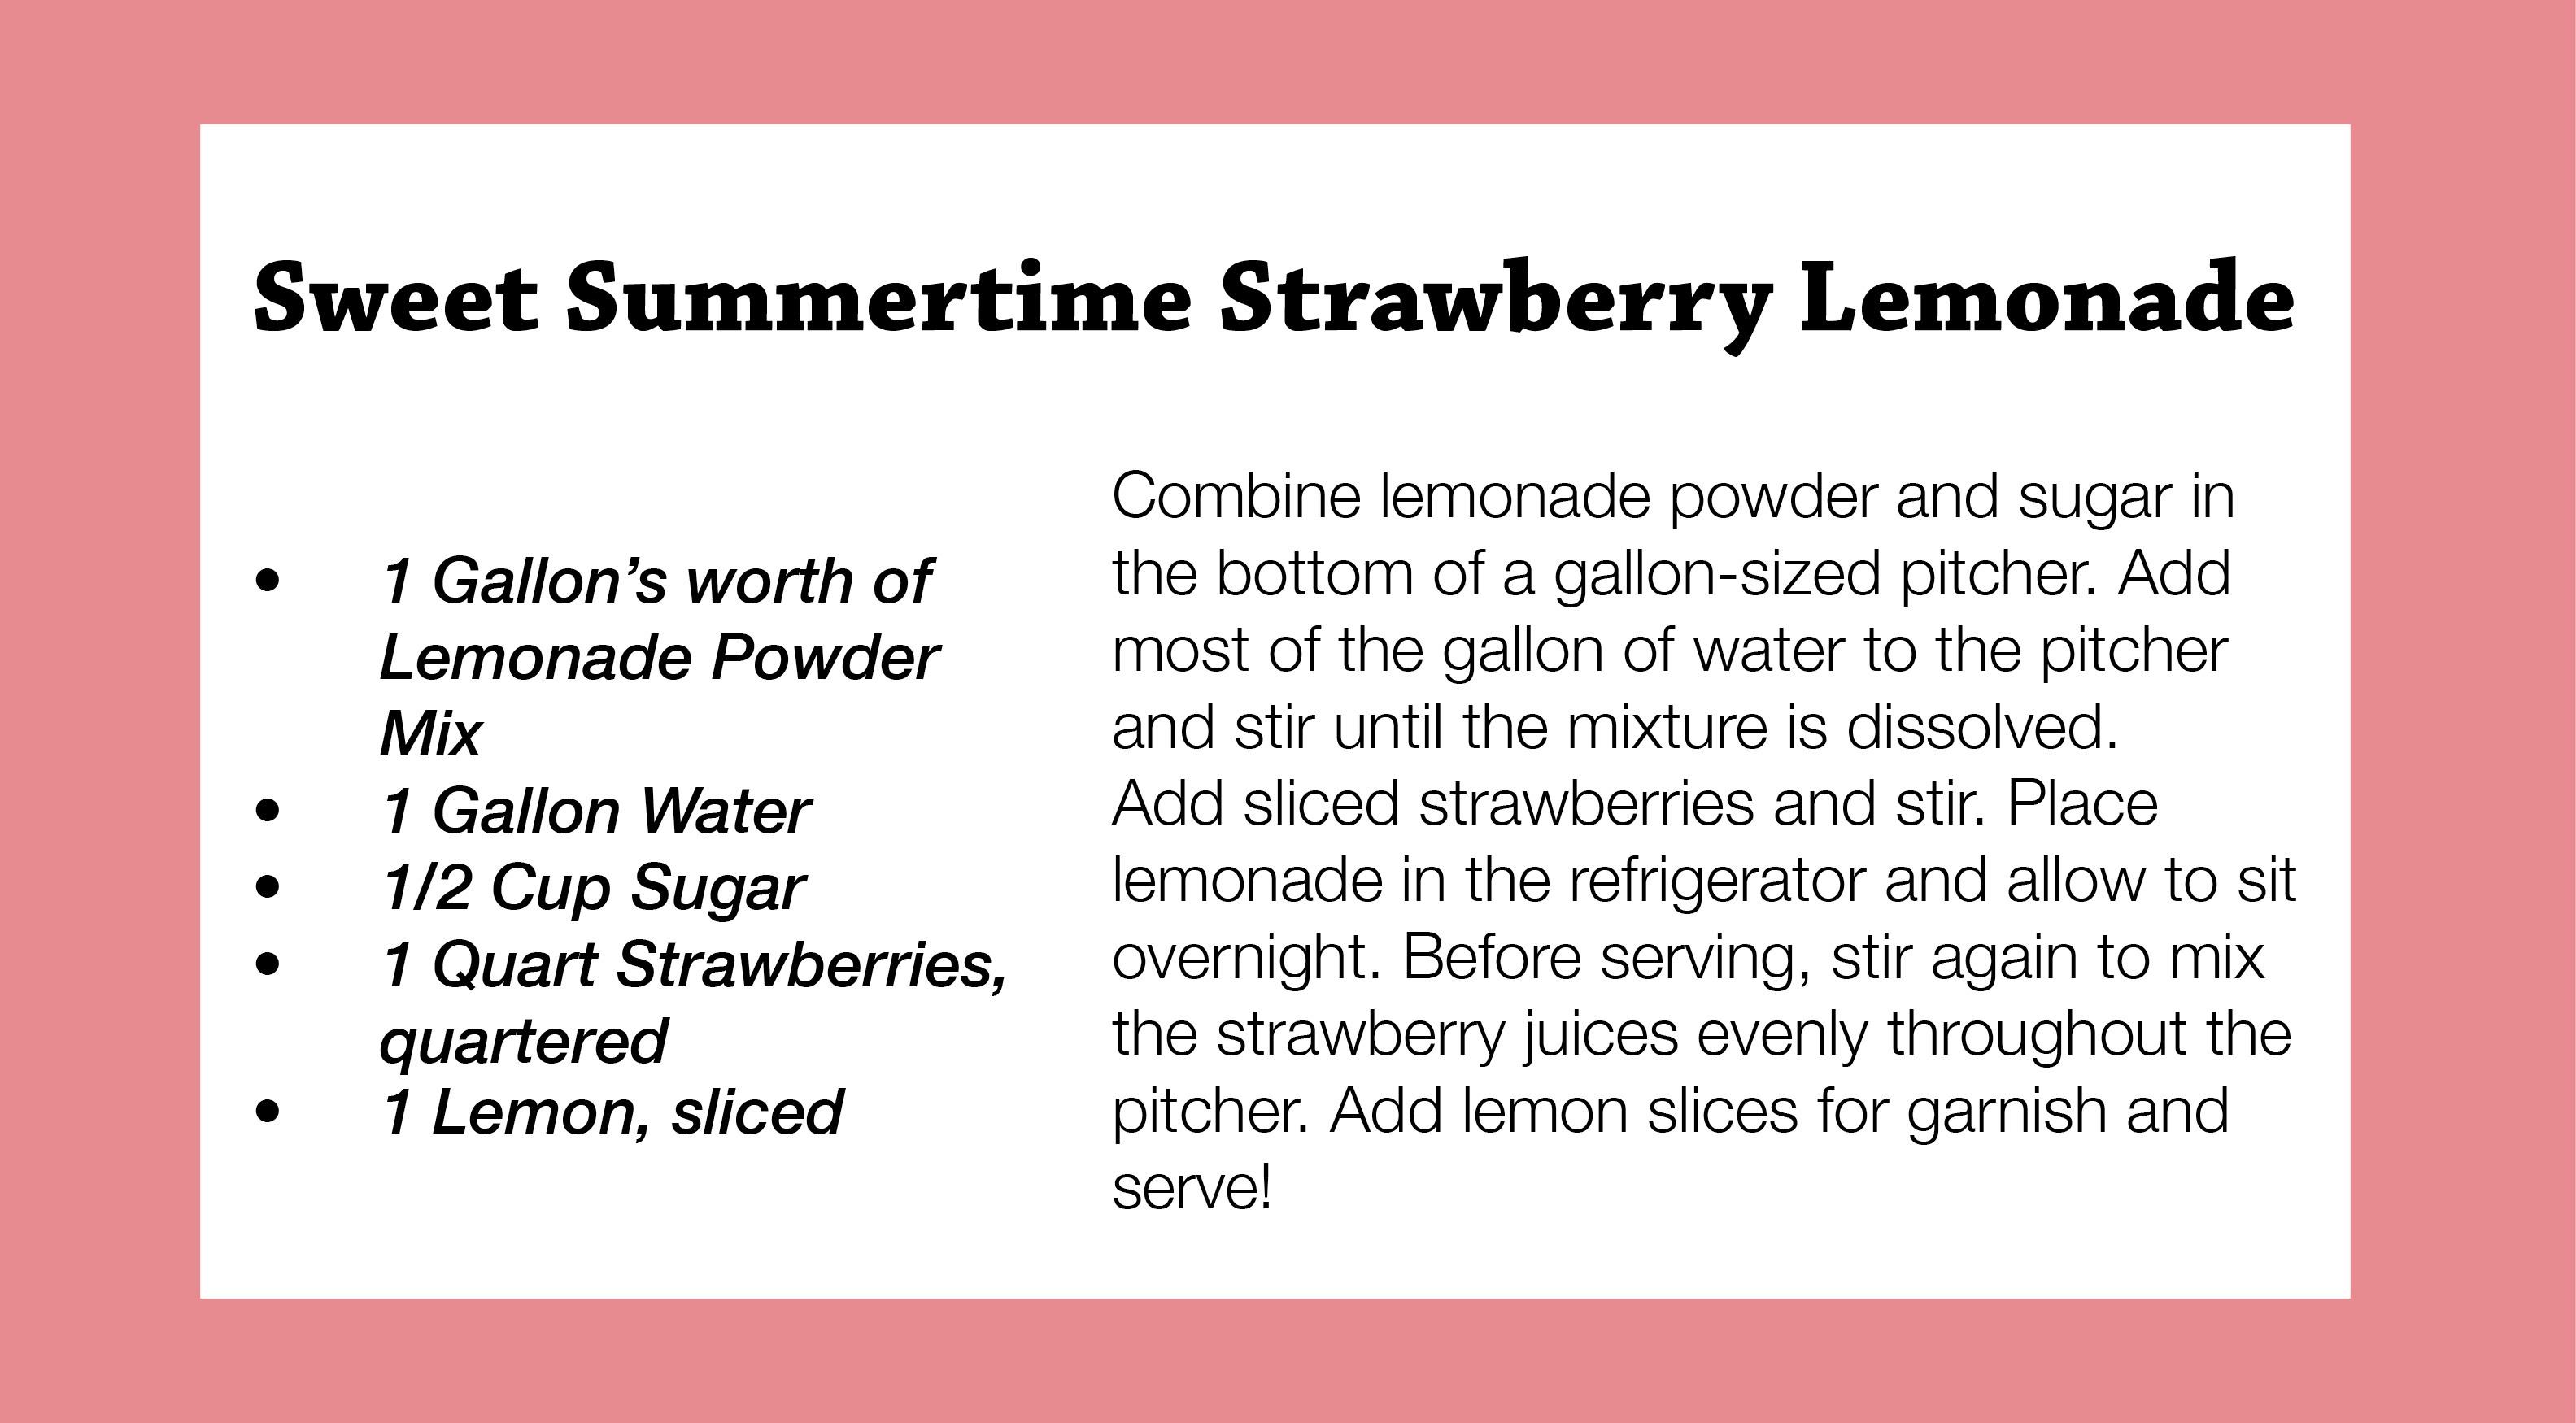 sweet summertime strawberry lemonade recipe.jpg